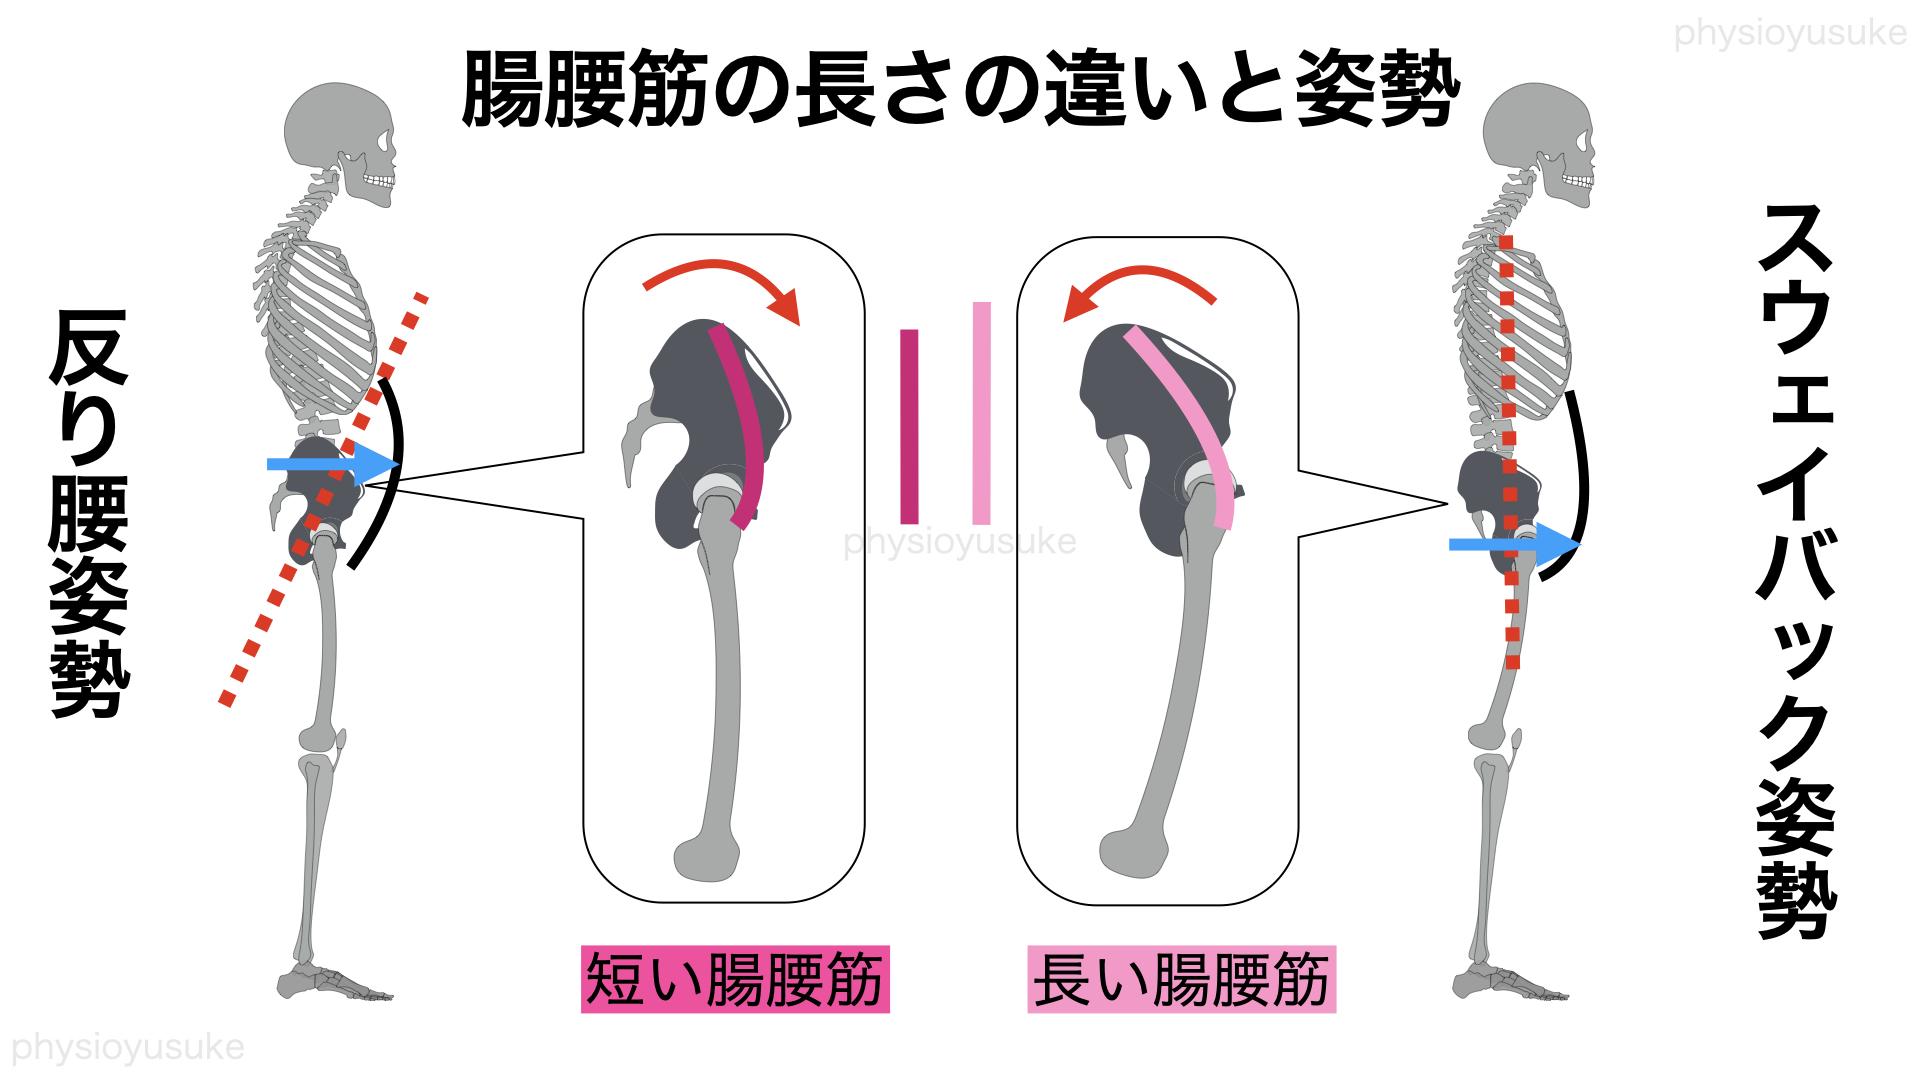 反り腰、スウェイバック姿勢、腸腰筋